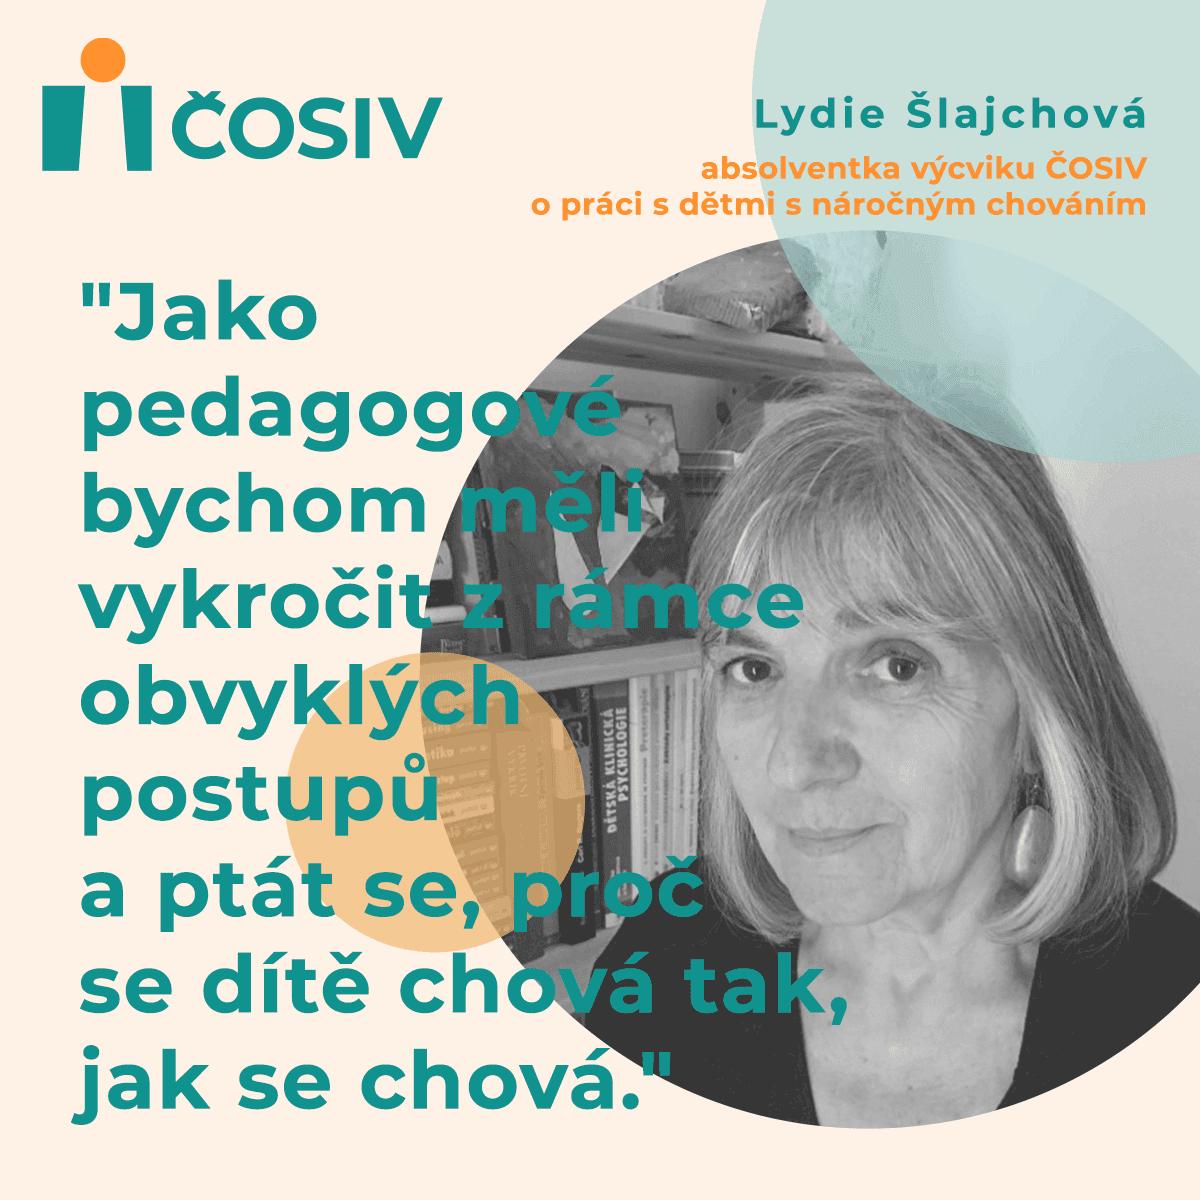 Rozhovor s Lydií Šlajchovou, absolventkou výcviku zaměřeného na práci s dětmi s náročným chováním